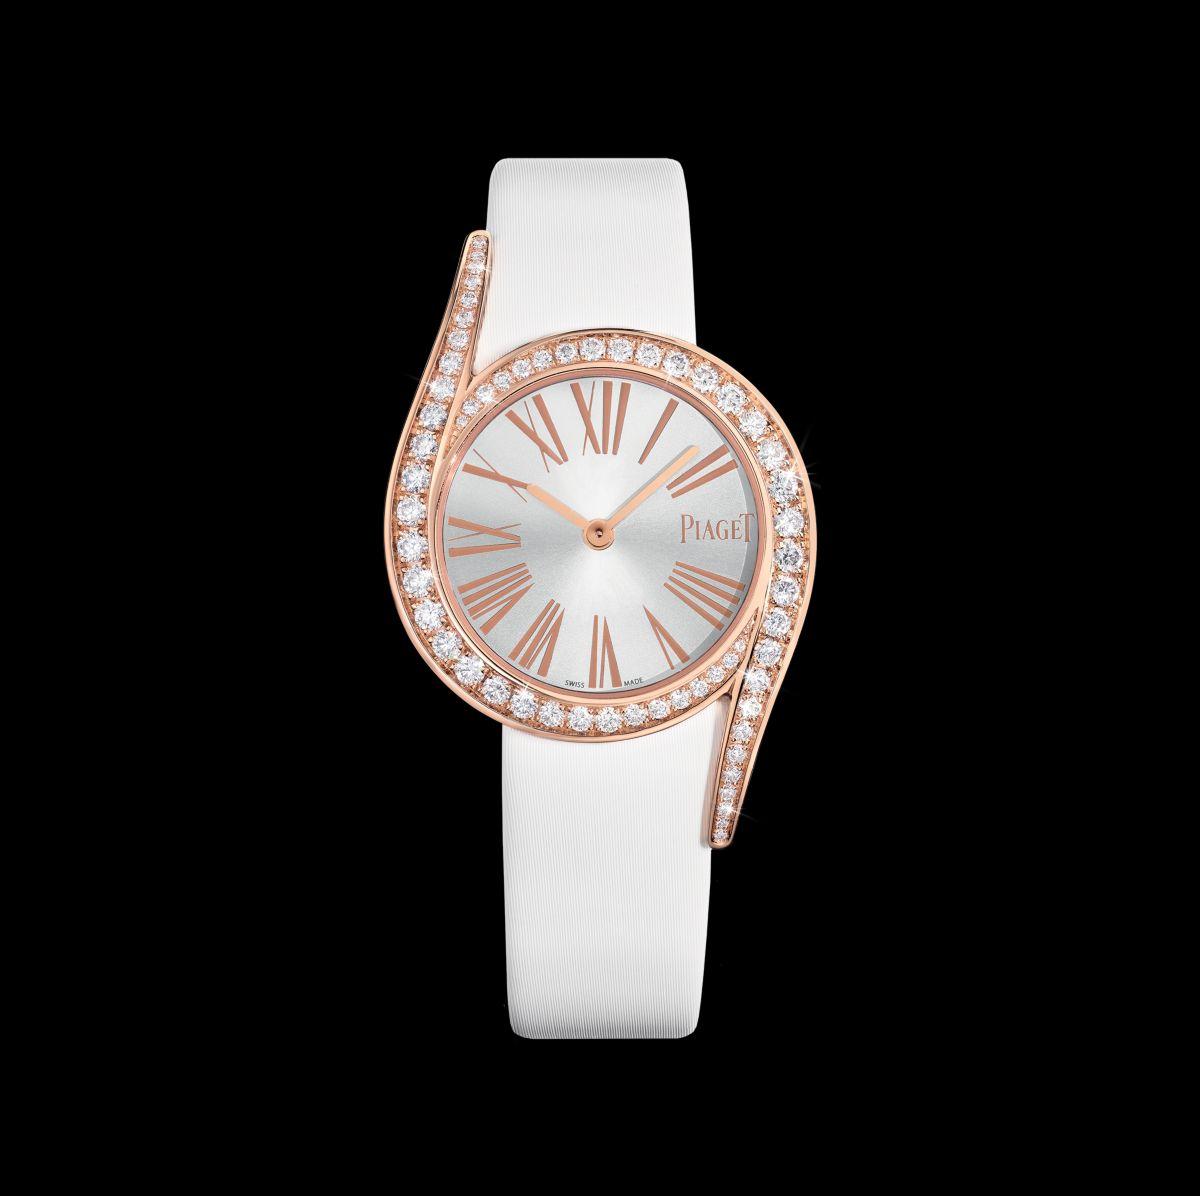 orologio piaget da donna